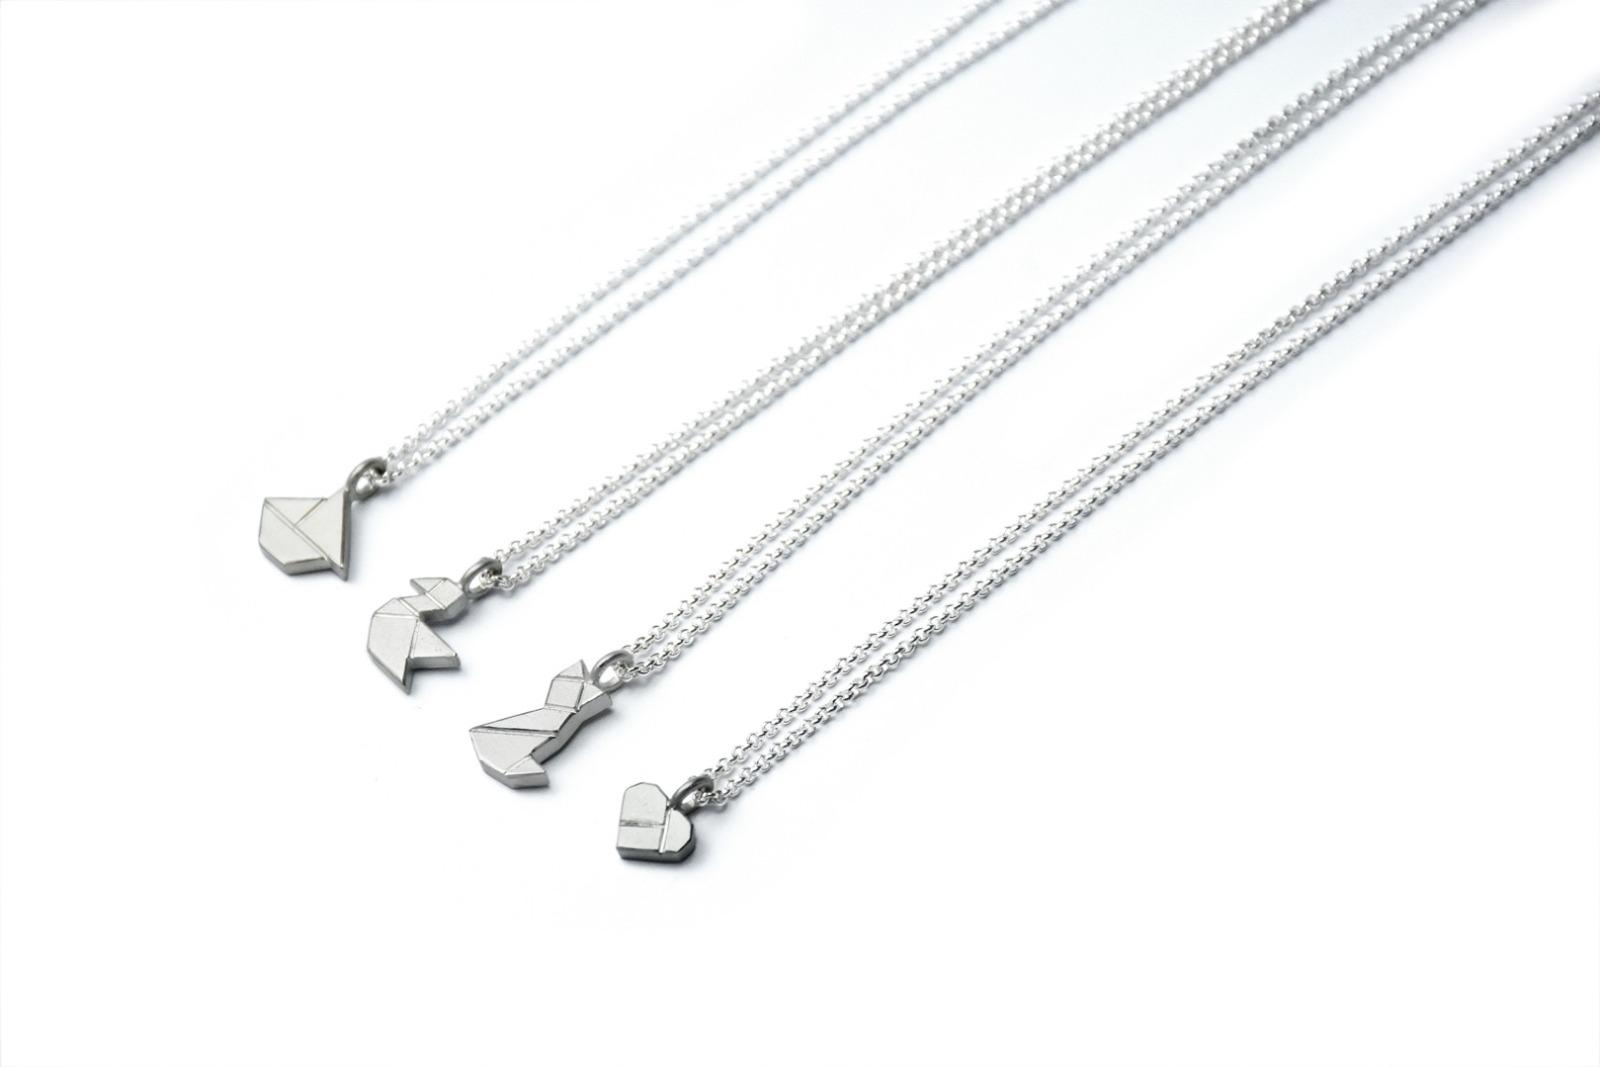 Tangram-Kette VÖGELCHEN, 925 Silber - 1